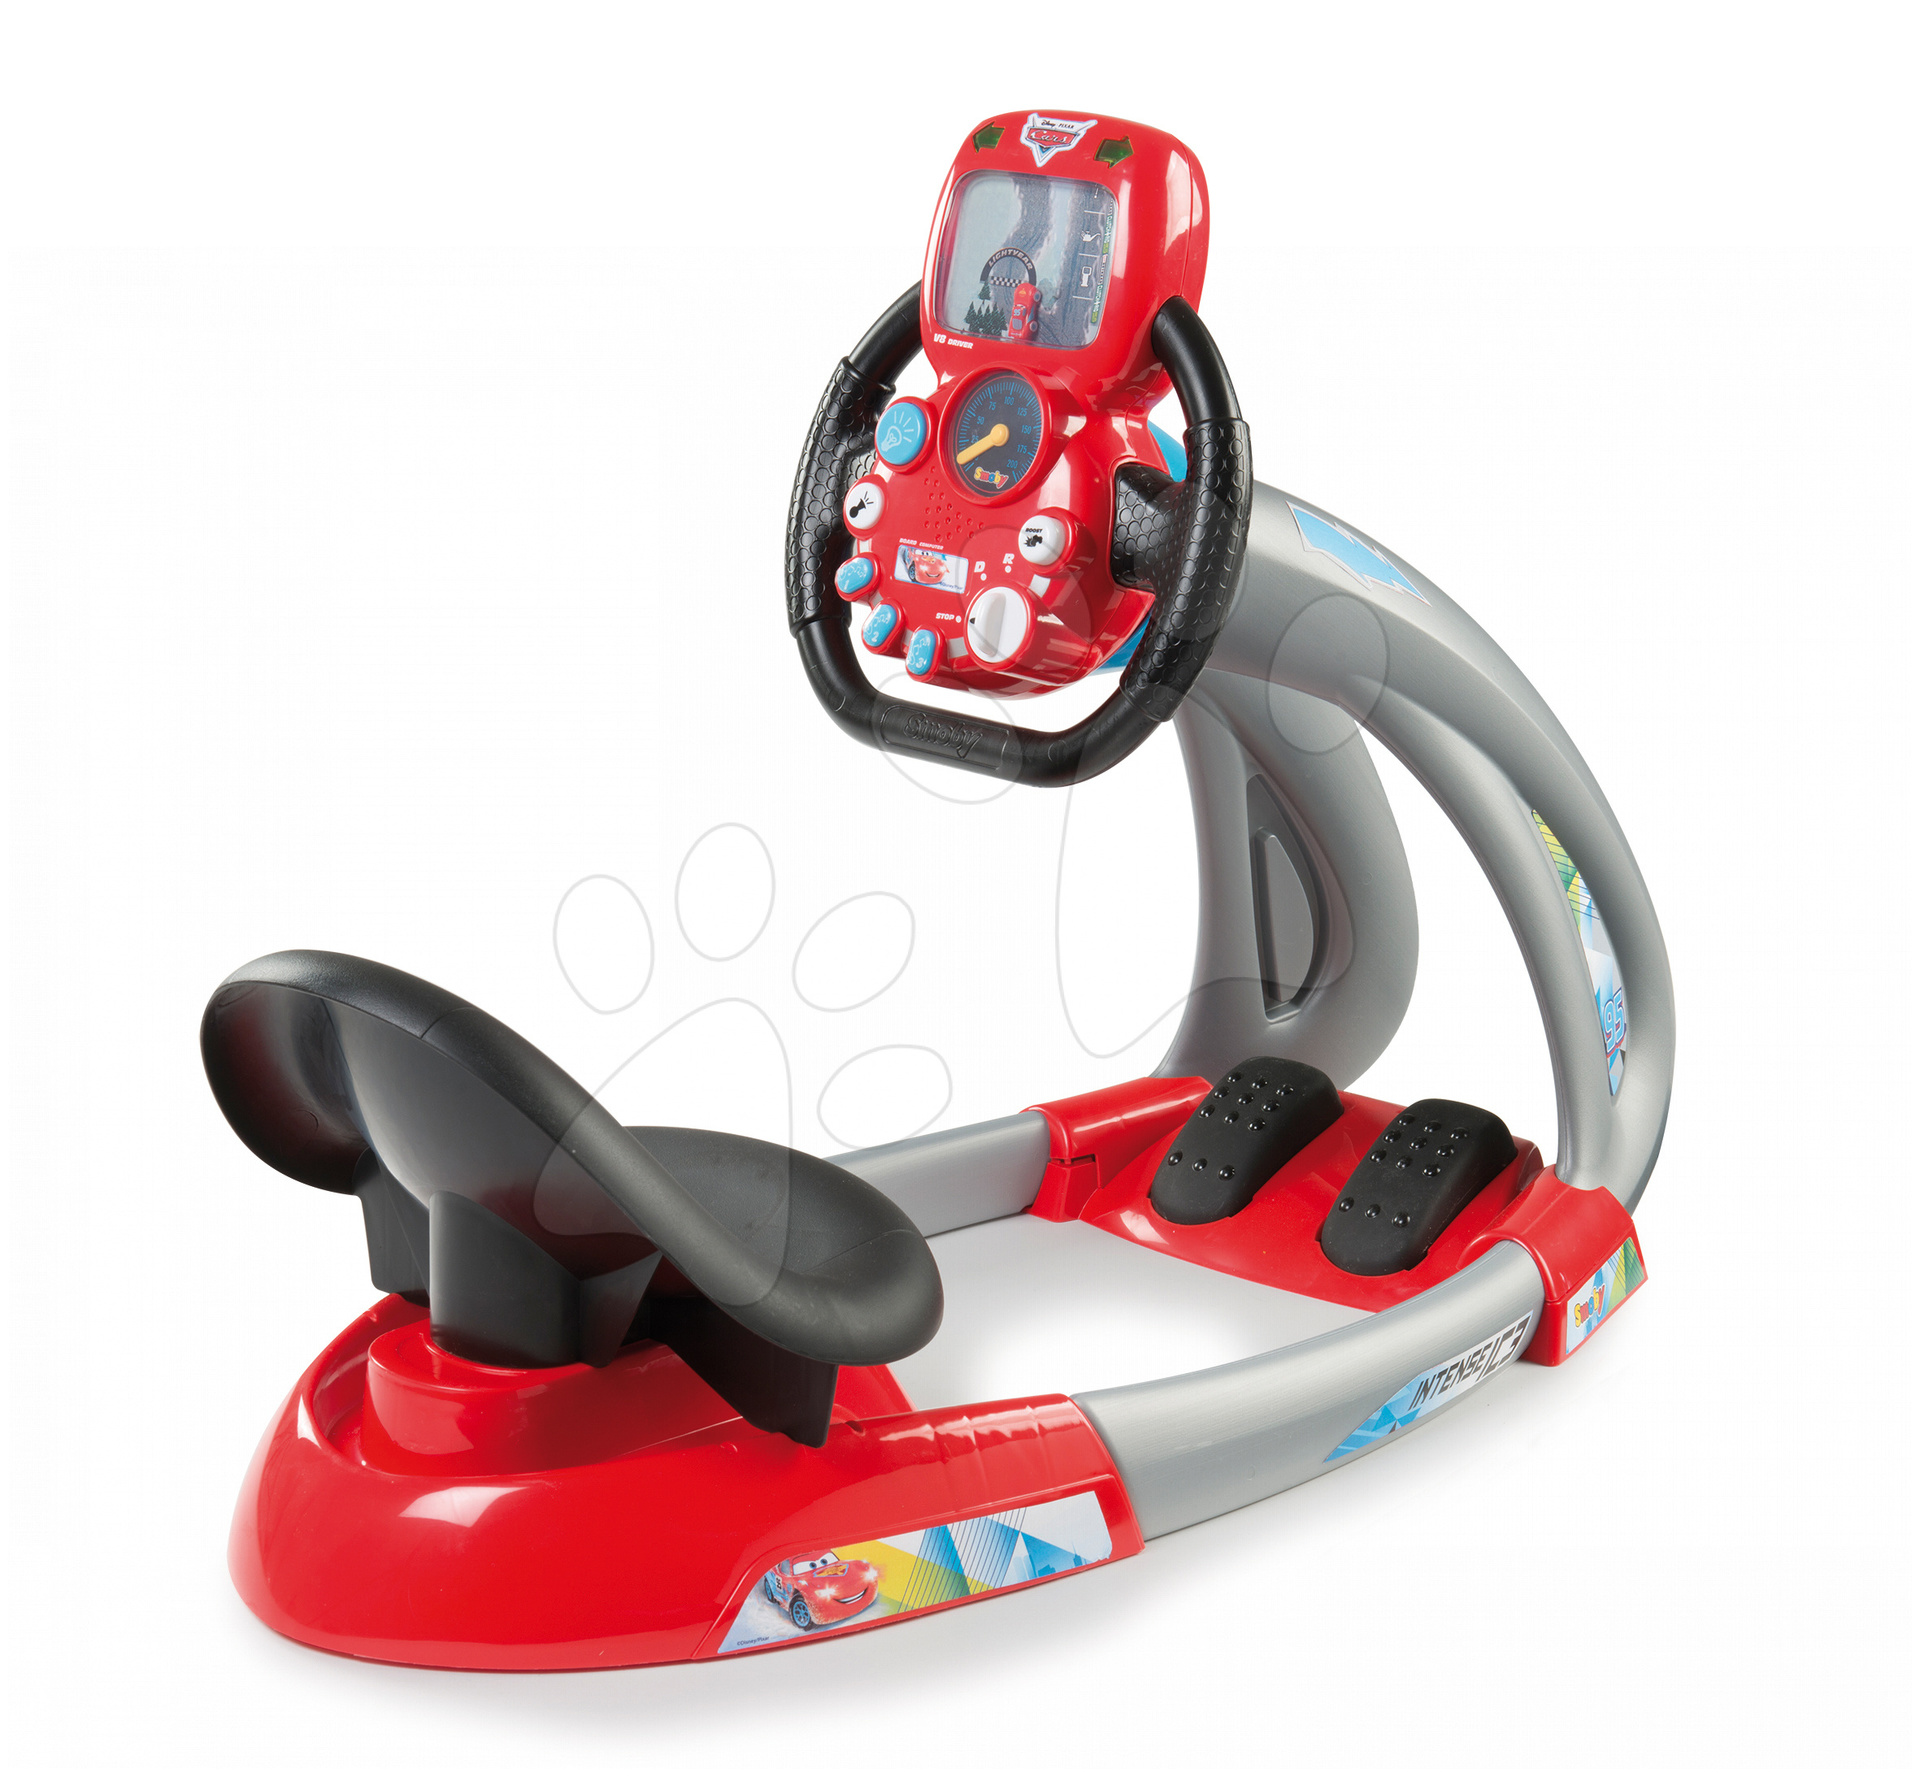 Trenažér pre deti - Elektronický trenažér V8 Cars Ice Driver Smoby so zvukom a svetlom